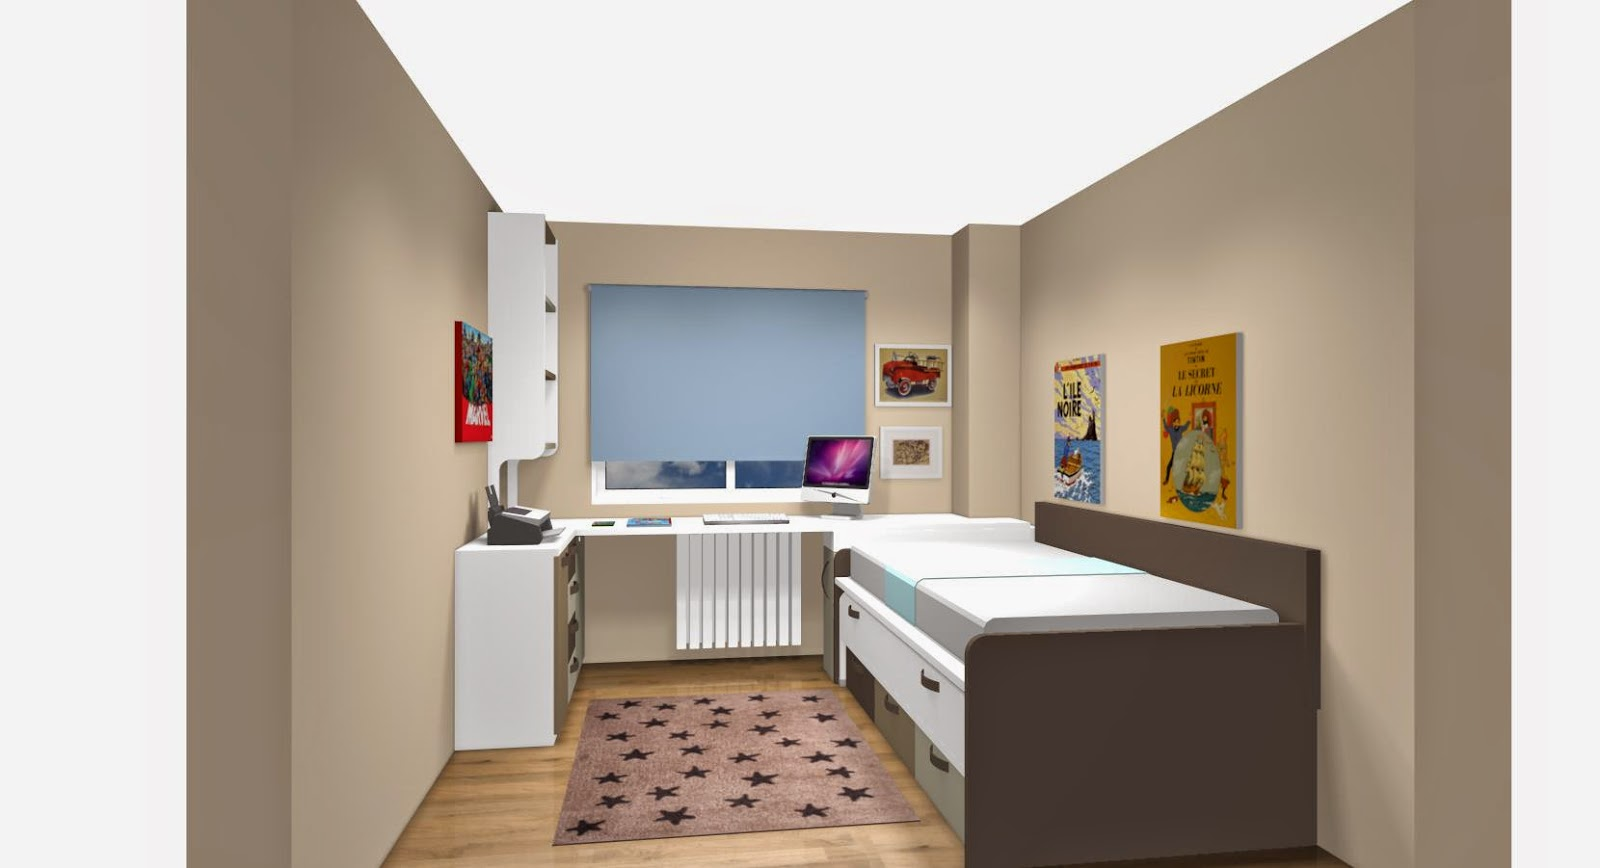 Amueblar habitacion en xikara - Cortinas dormitorio juvenil ...